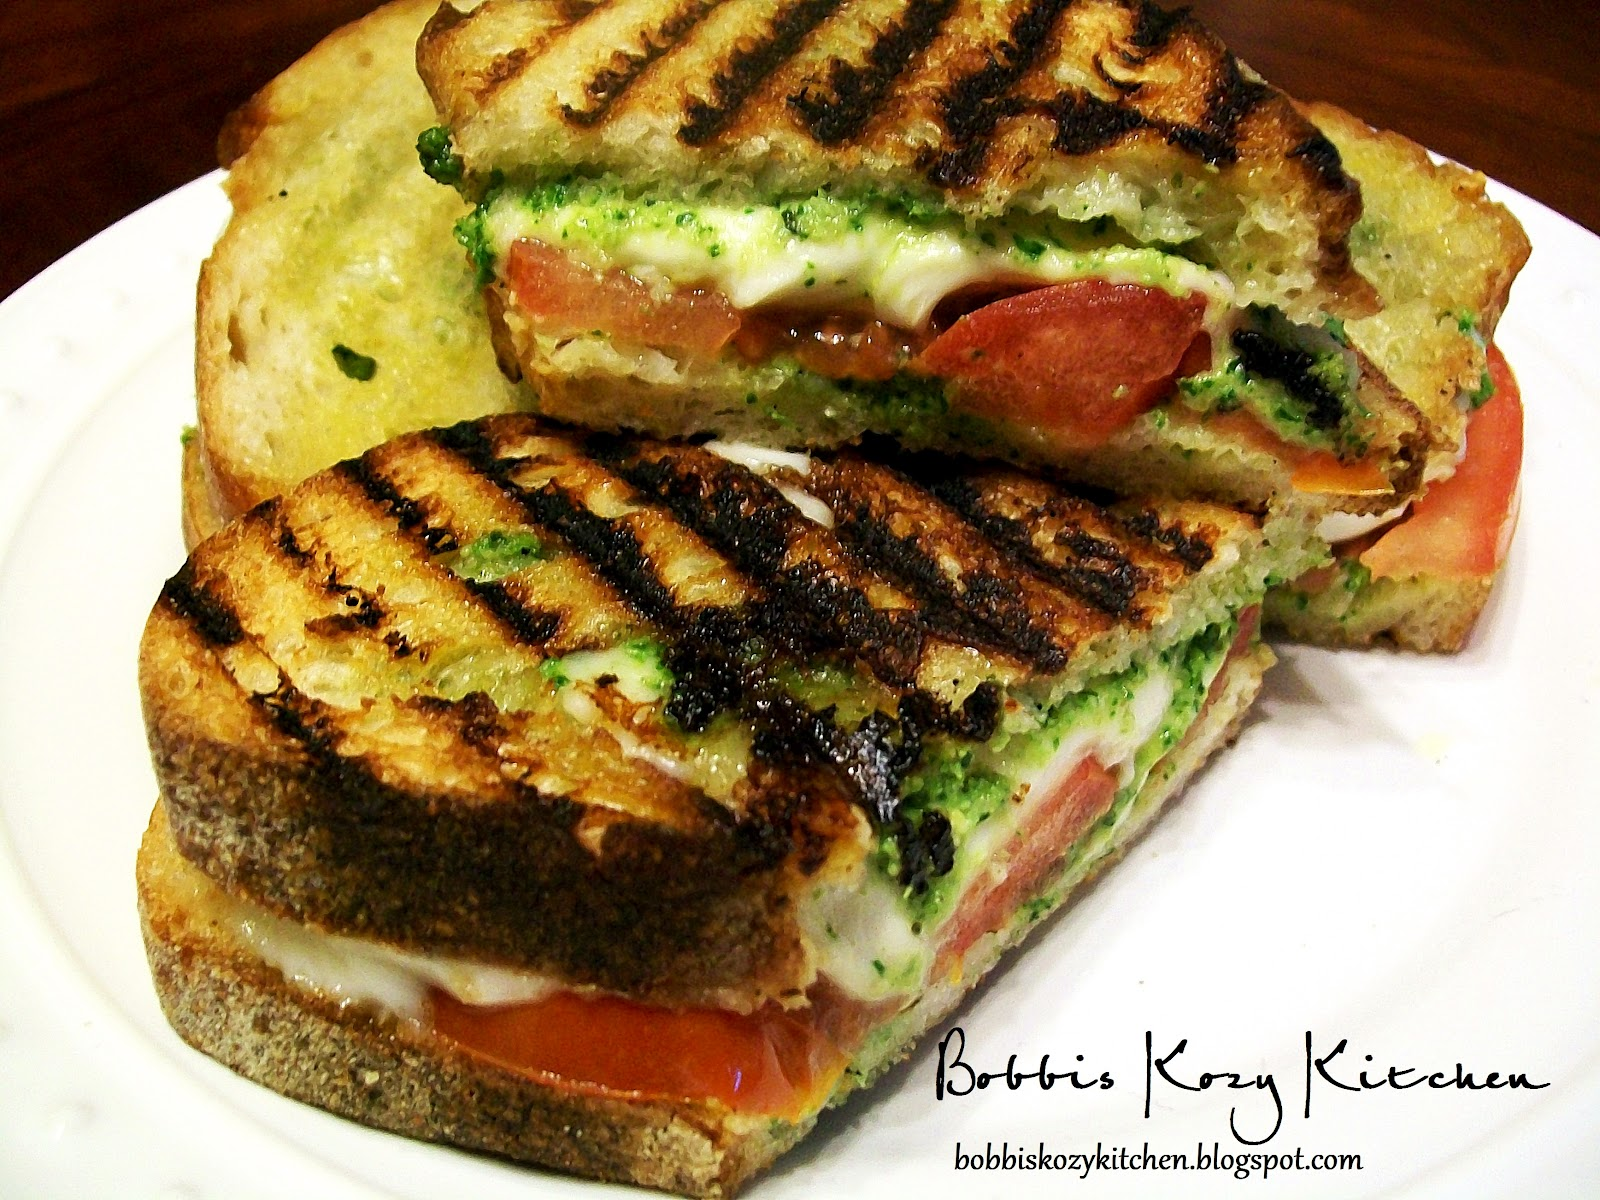 Bobbi's Kozy Kitchen: Grilled Pesto, Mozzarella, and Tomato Sammies